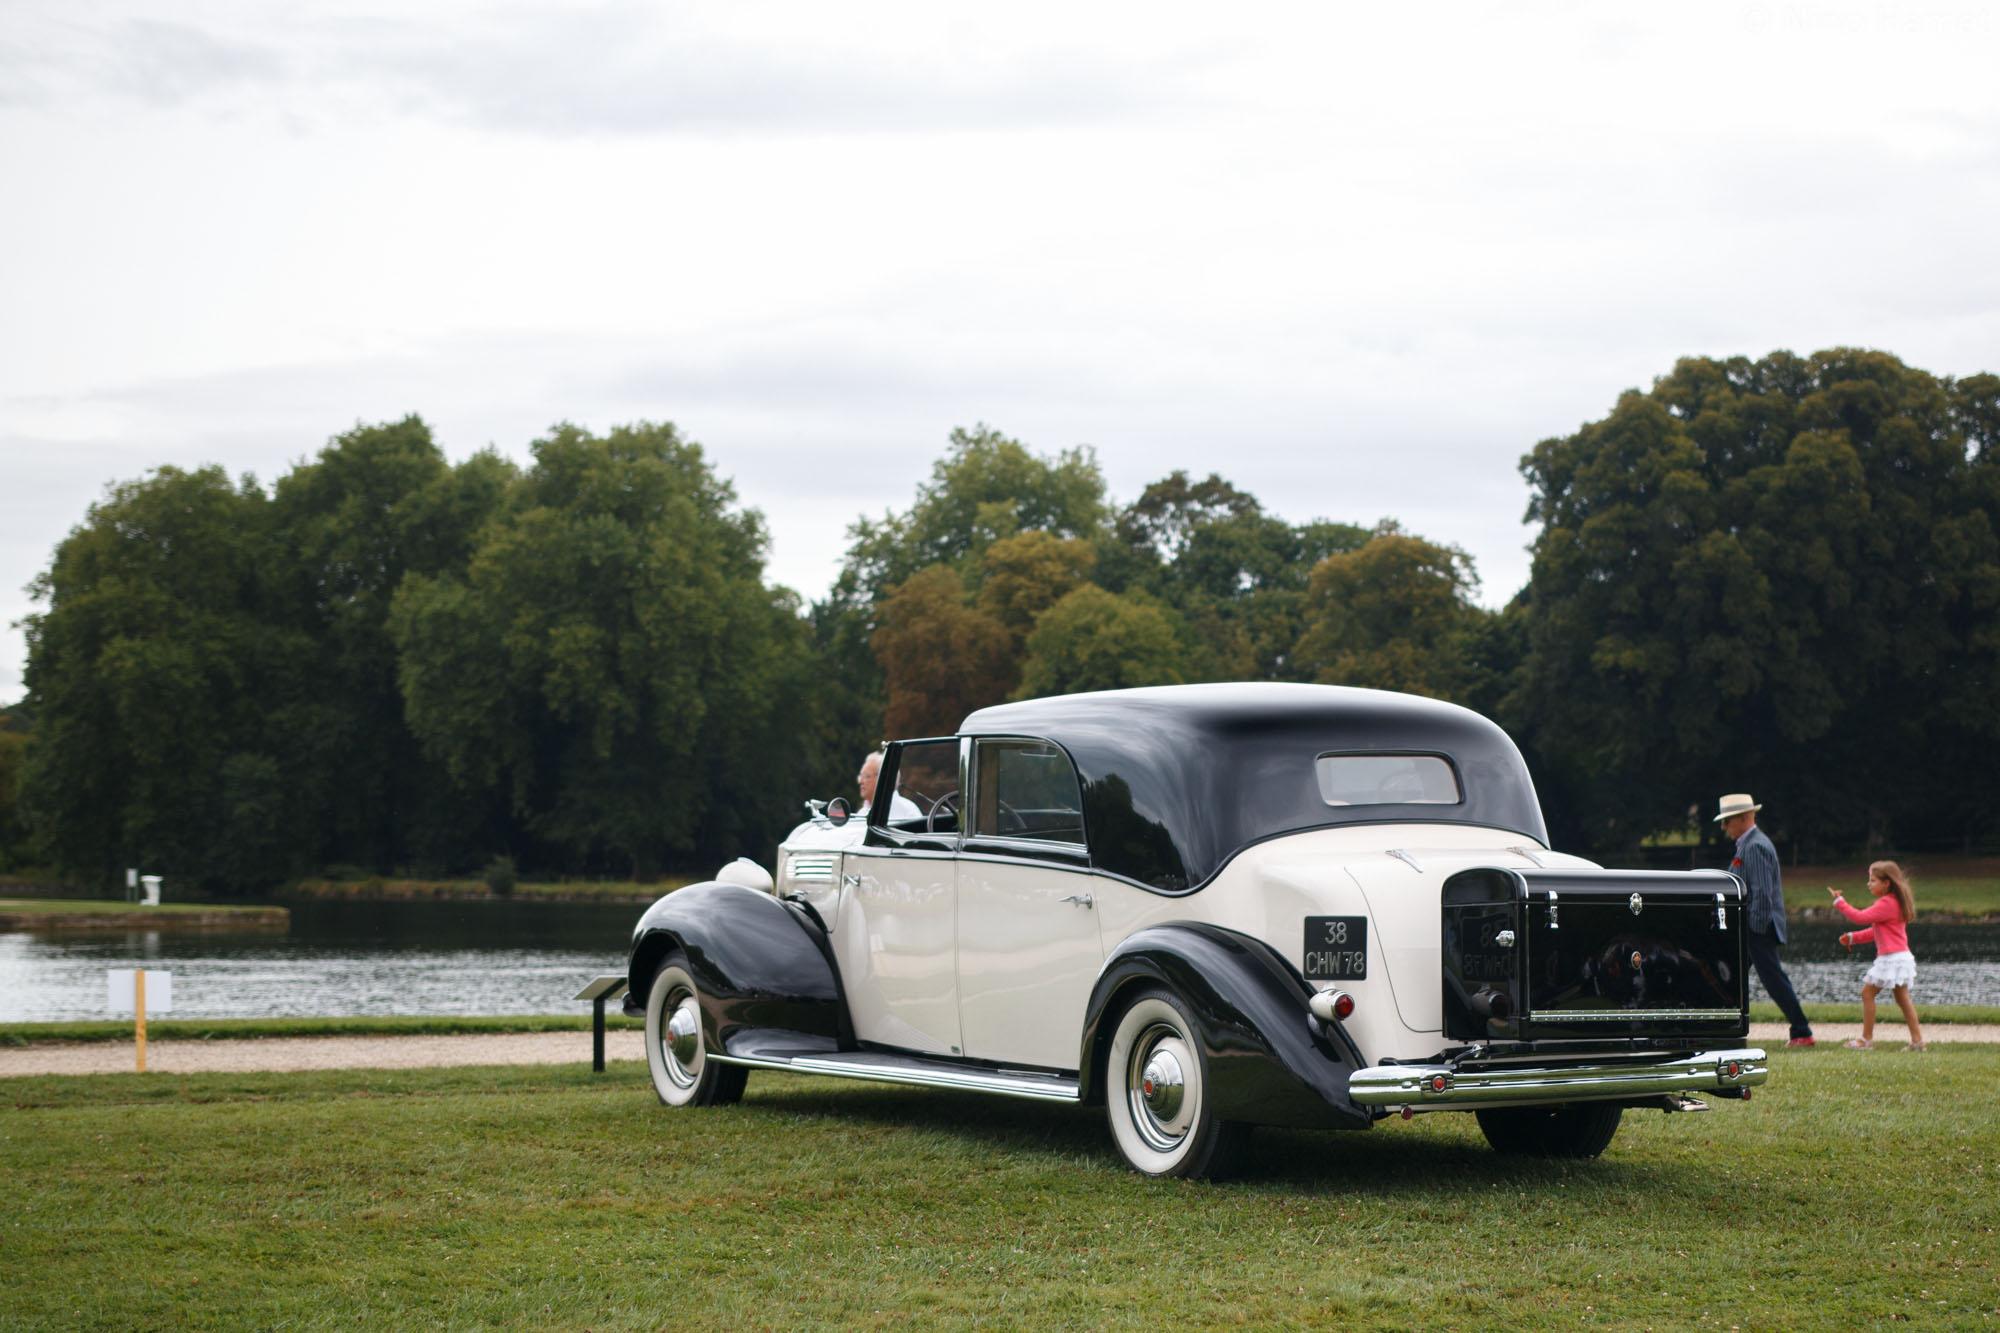 Les grandes berlines et limousines de voyage (Avant-Guerre), premier prix : Packard Eight 1602 Coupé Chauffeur 1938 (M. Jean-Pierre Antoine)